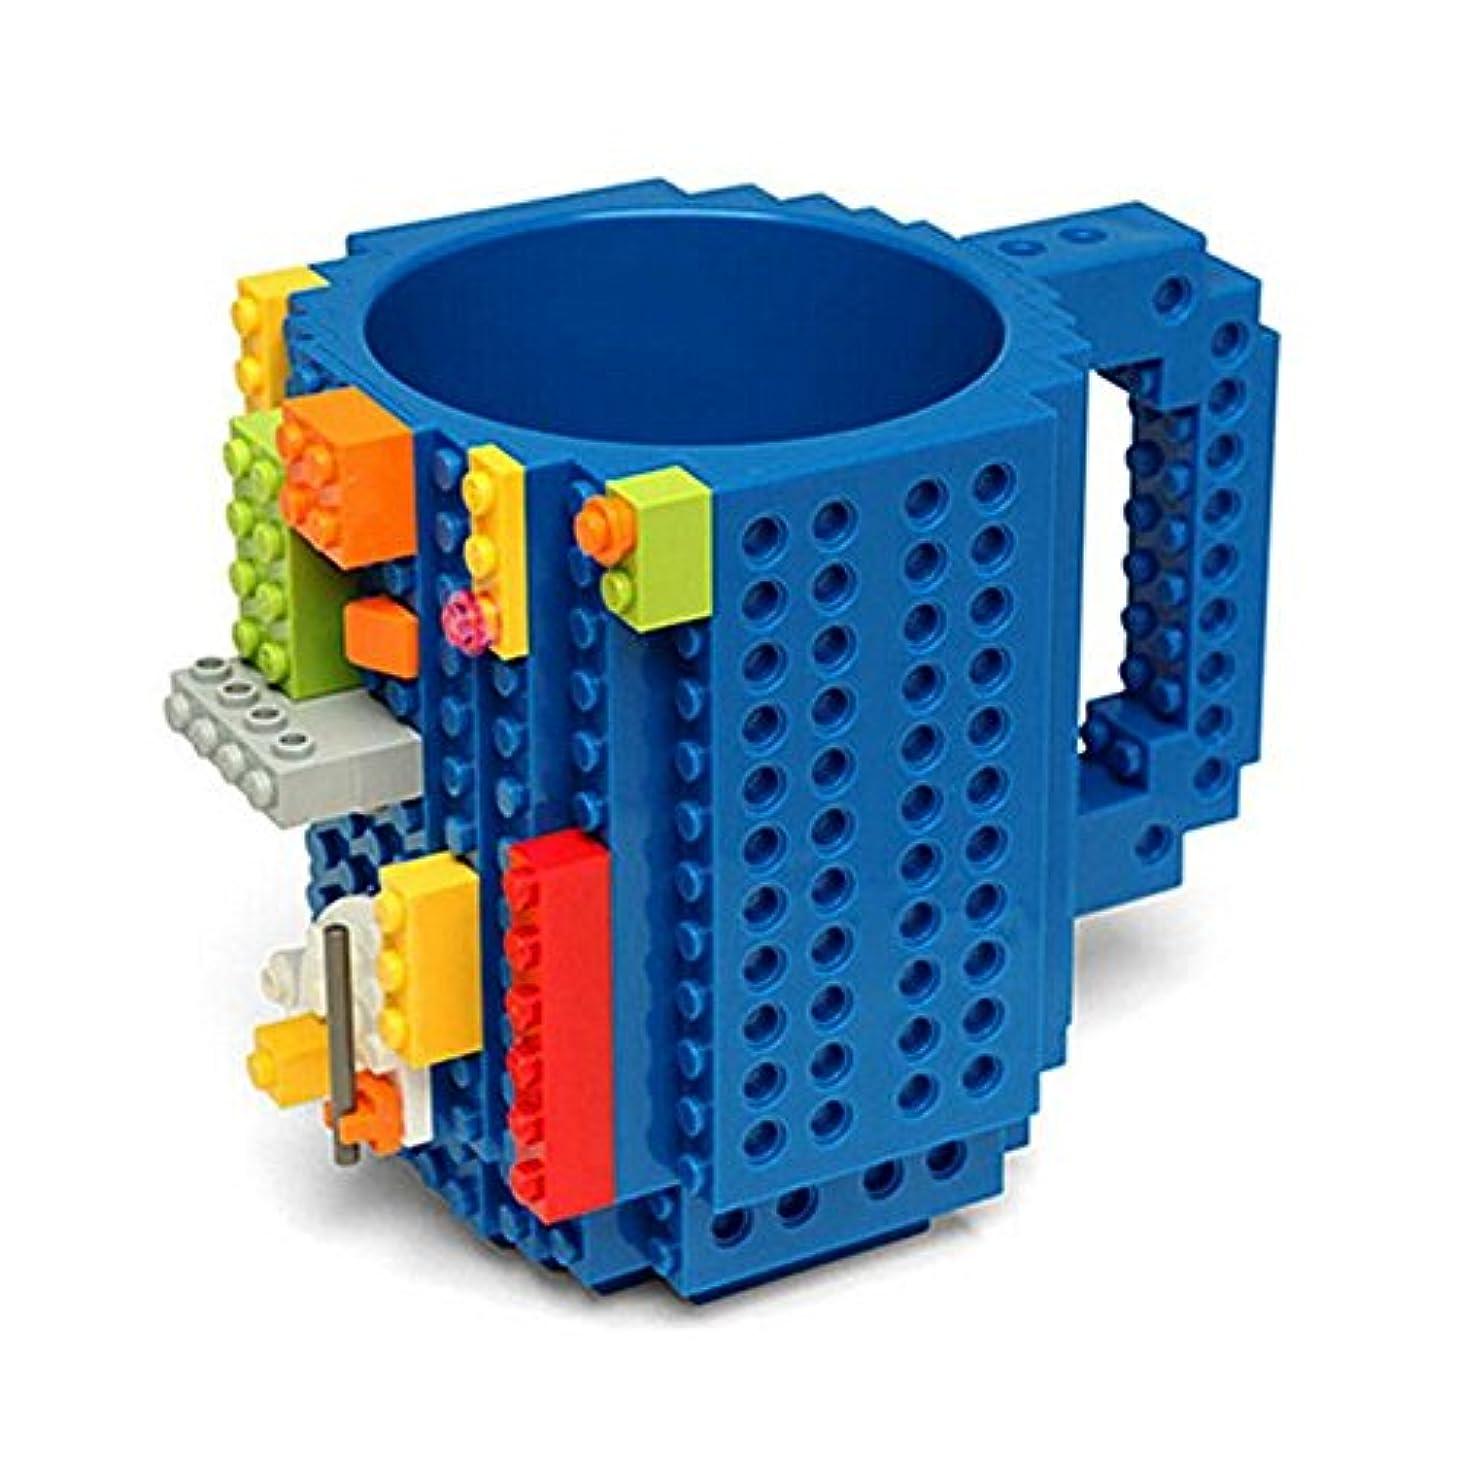 ハッチブラジャー明らかにMaxcrestas - 350ML DIY?ビルディング?ブロックのカップレンガコーヒーティーカップ凍った水のドリンクカップDIYブロックパズルシッククリエイティブホームDrinkwares